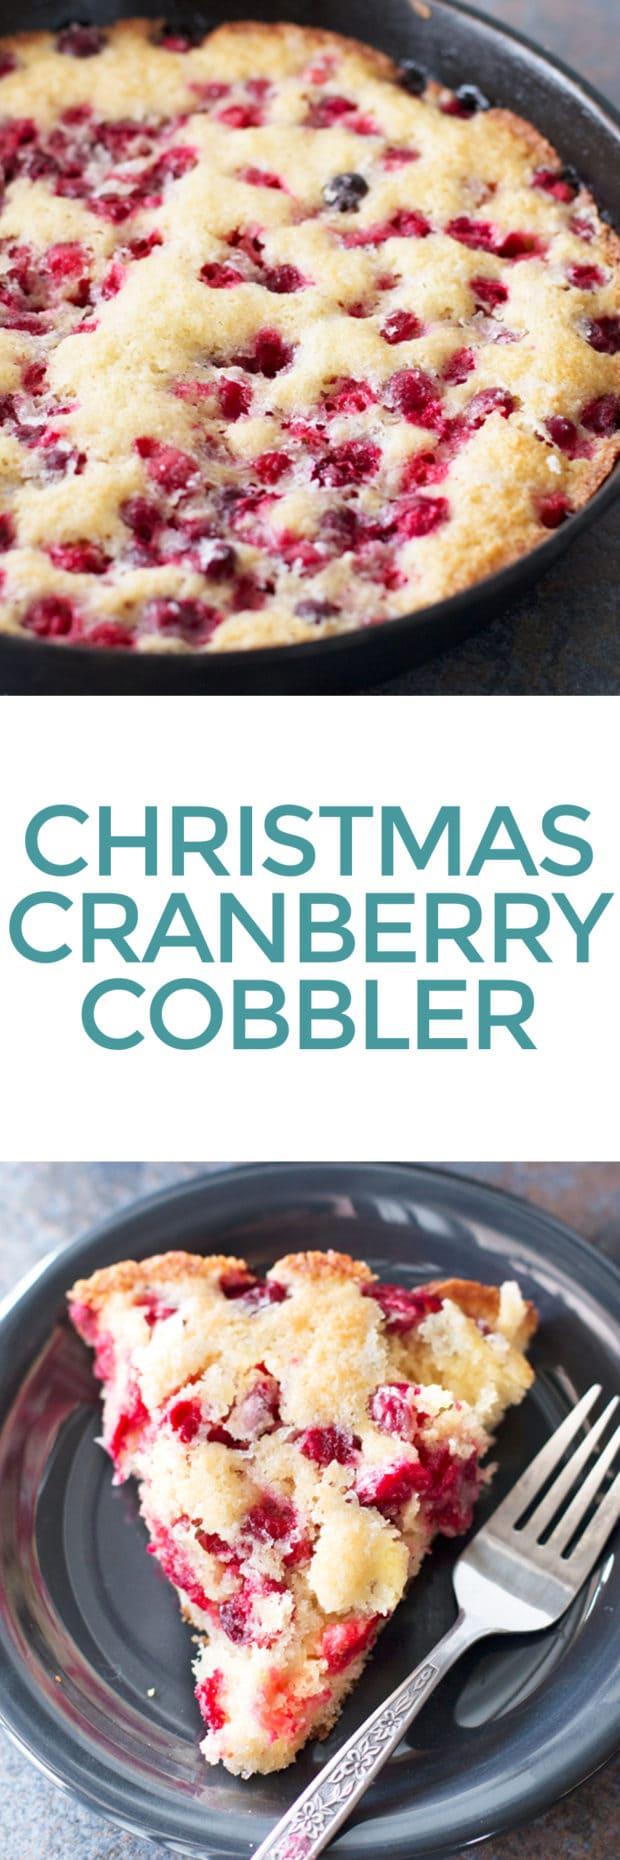 Christmas Cranberry Cobbler   cakenknife.com